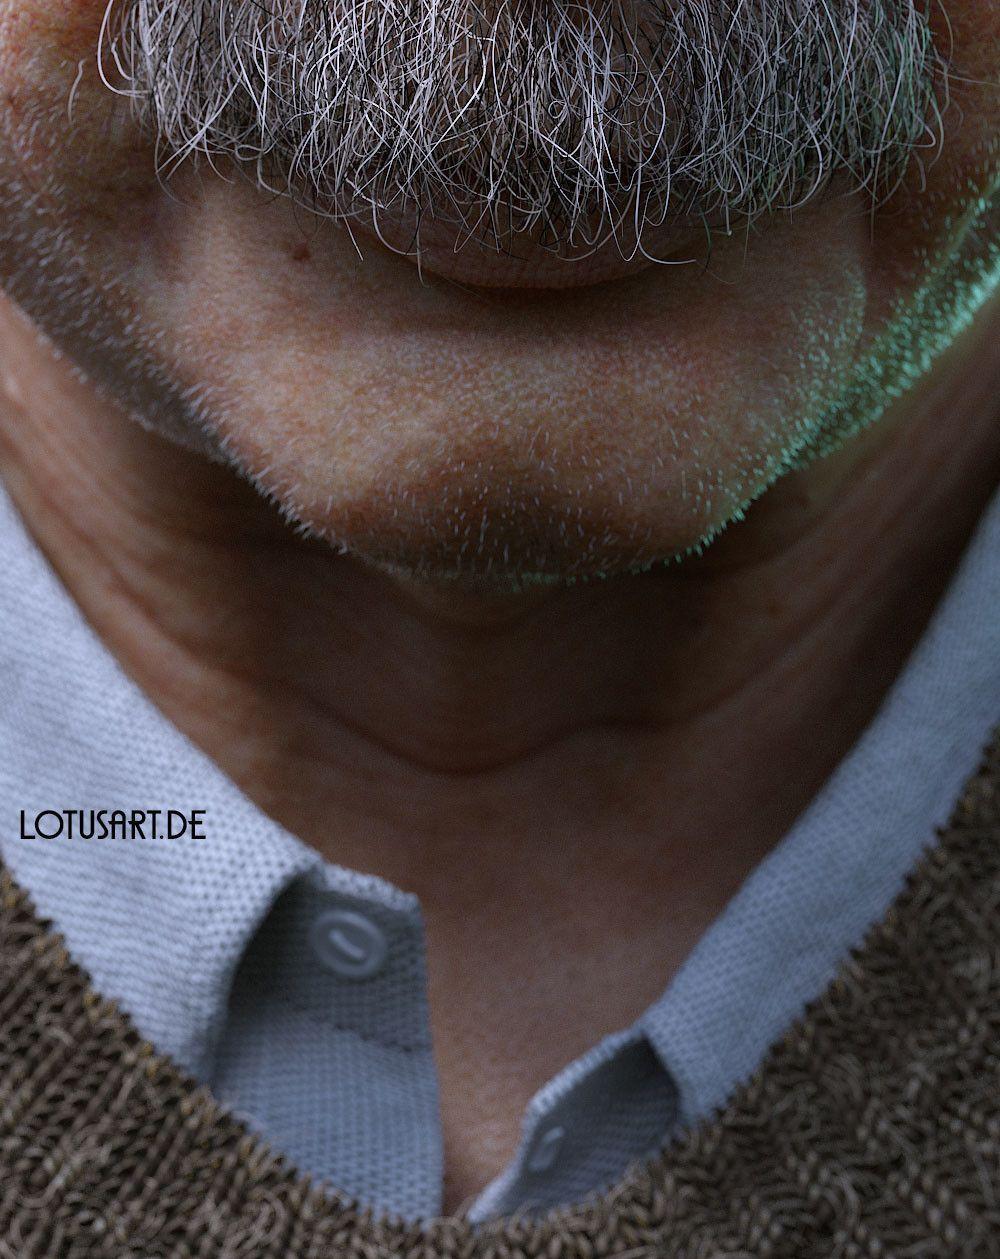 alexander-beim-alberteinstein-lotusart-alexanderbeim-04 Albert Einstein 3D Porträt für ein Hologram